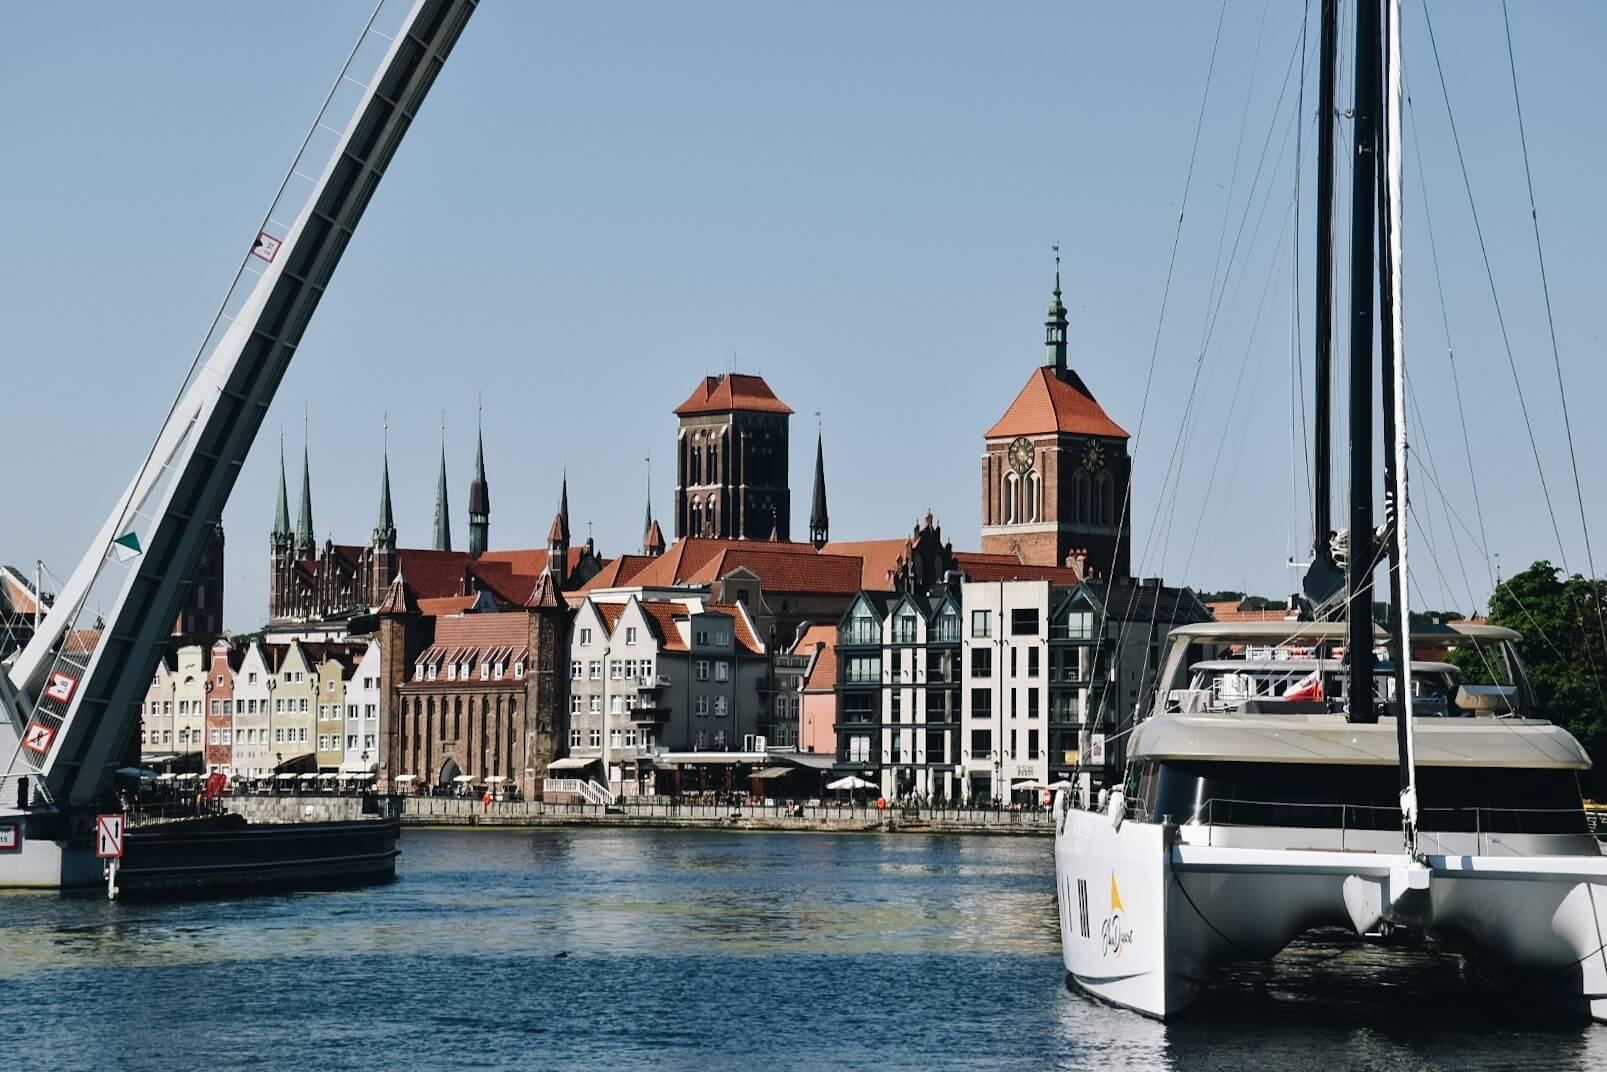 Motława przepływająca przez Gdańsk, nabrzeże miasta.